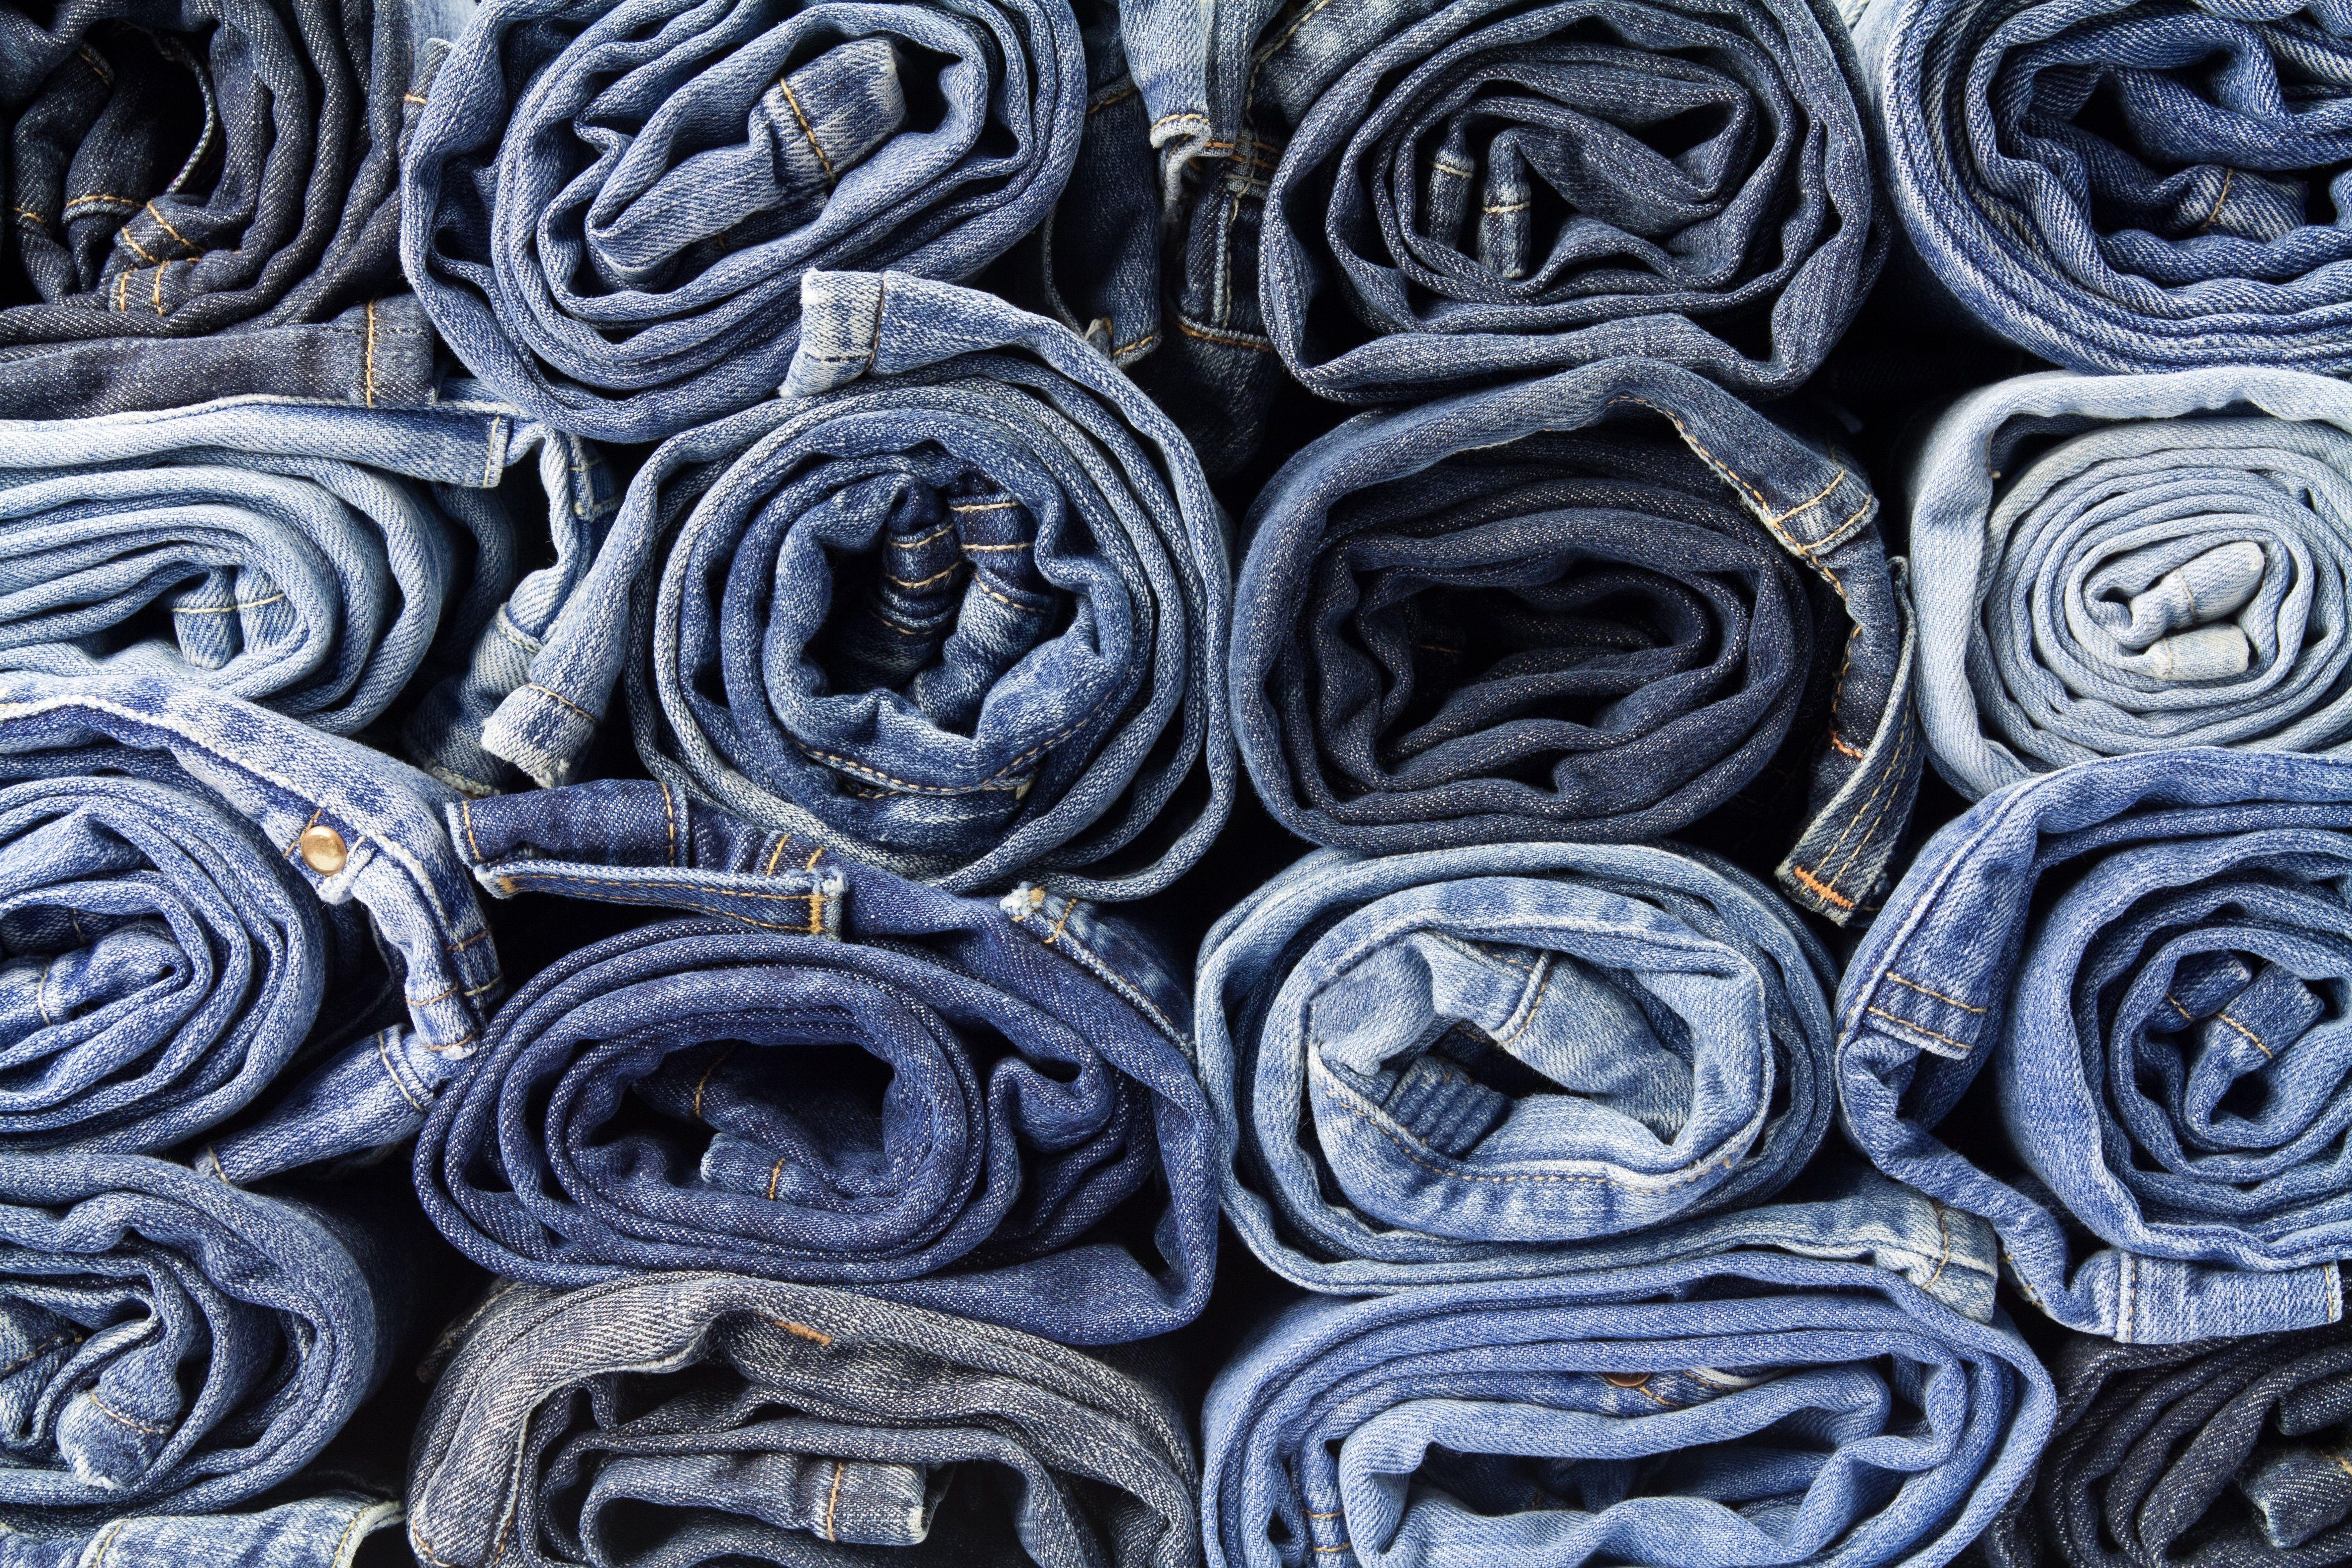 Washing jeans